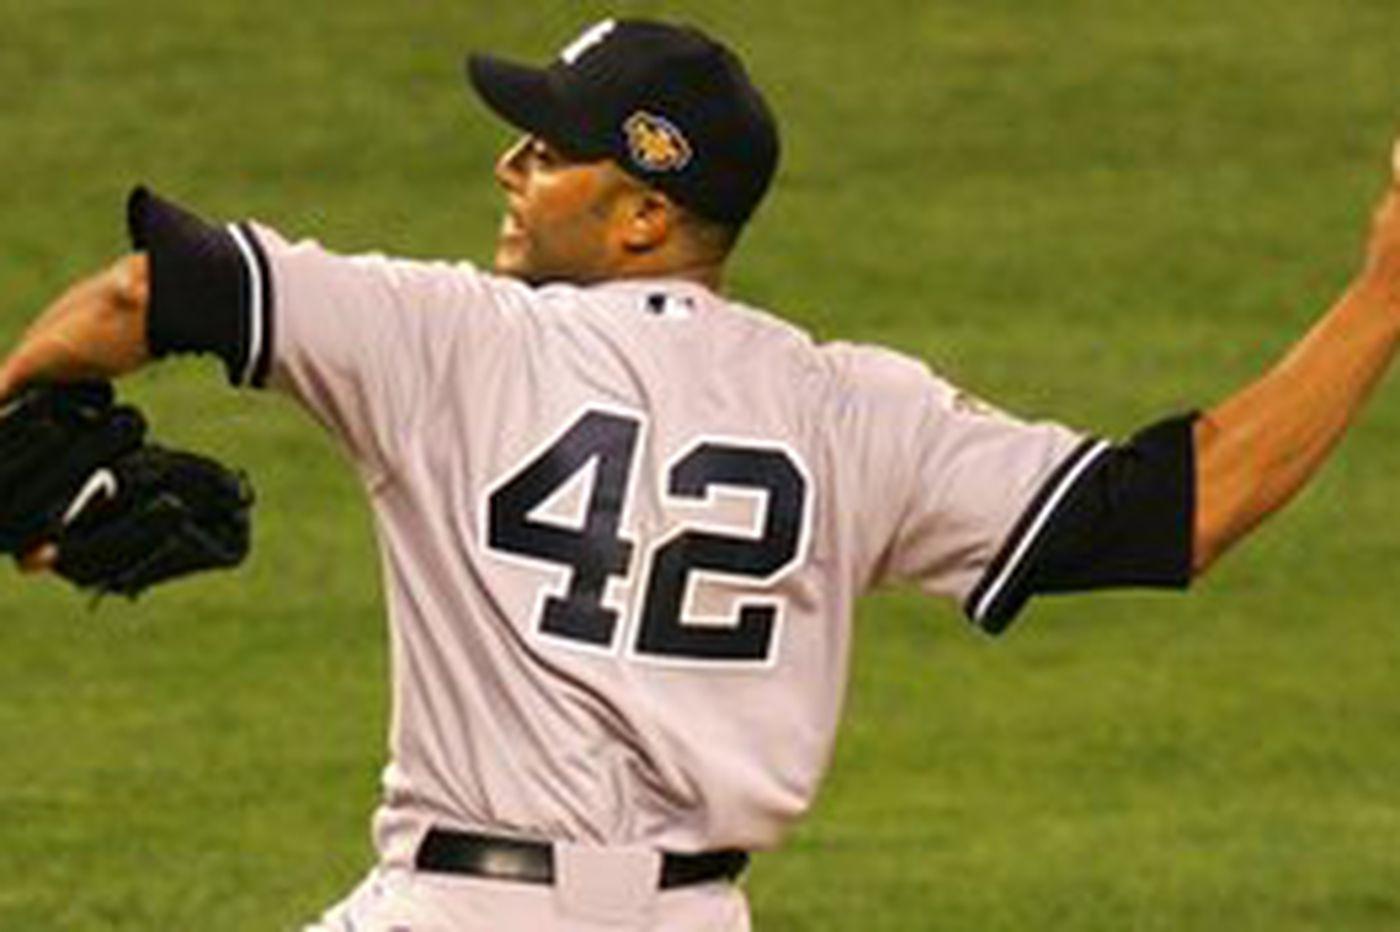 On Baseball | Put No. 42 back on field